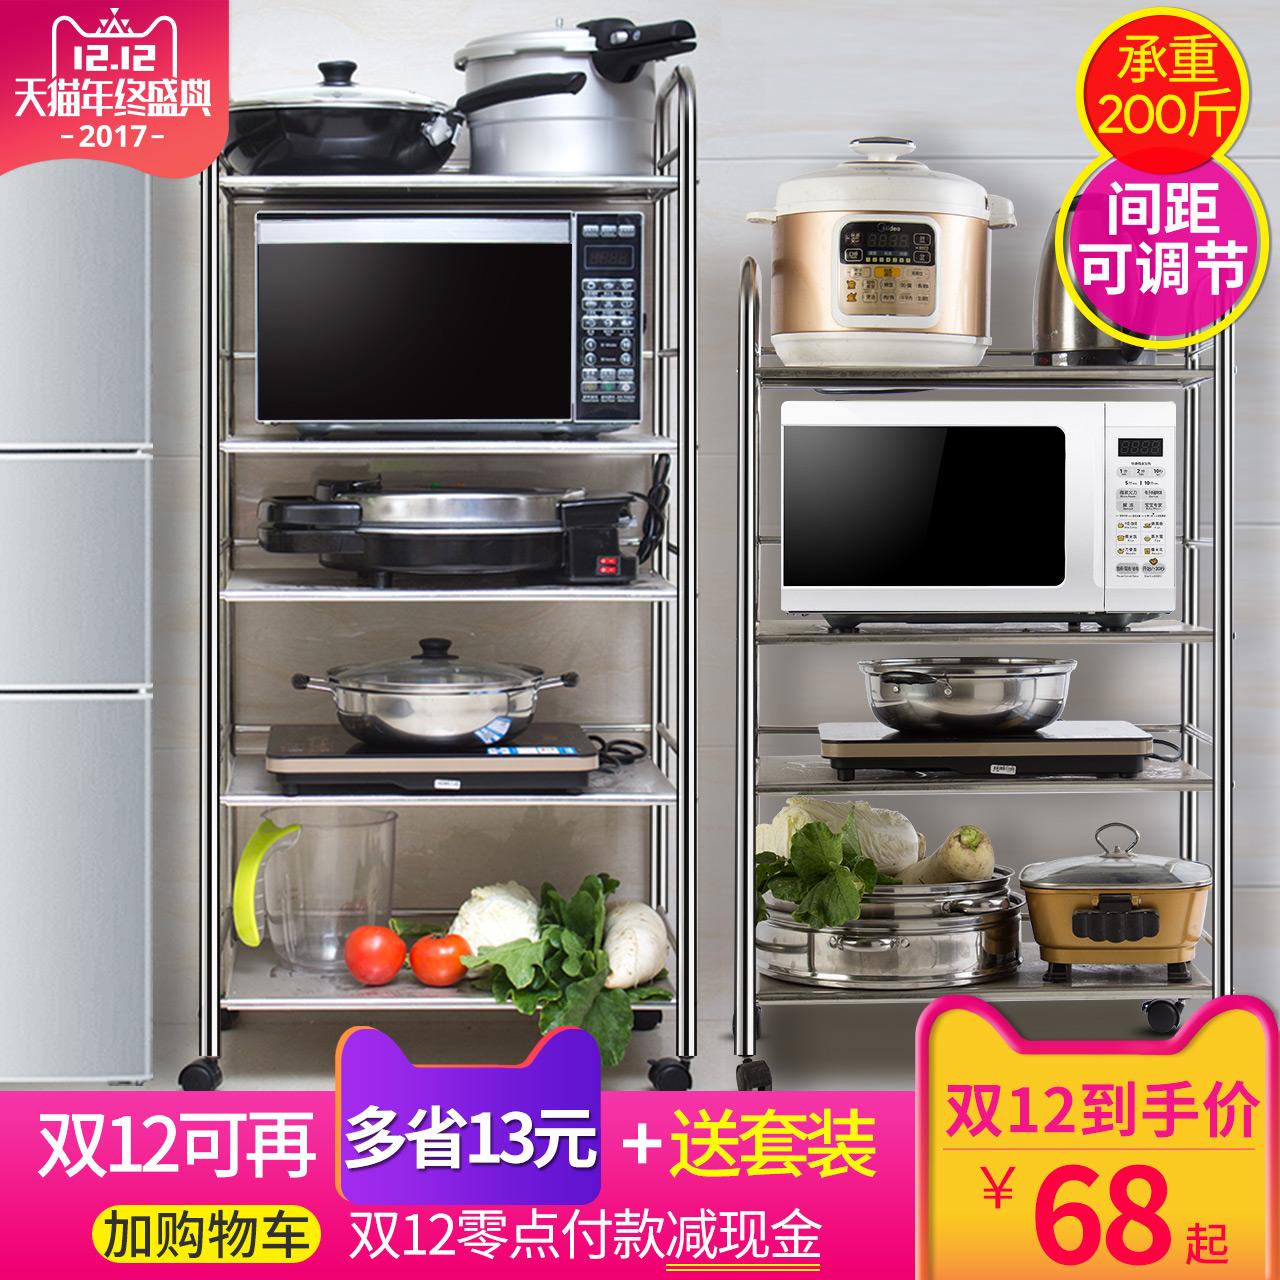 创步不锈钢置物架落地多层厨房用品具微波炉烤箱收纳储物架子锅架